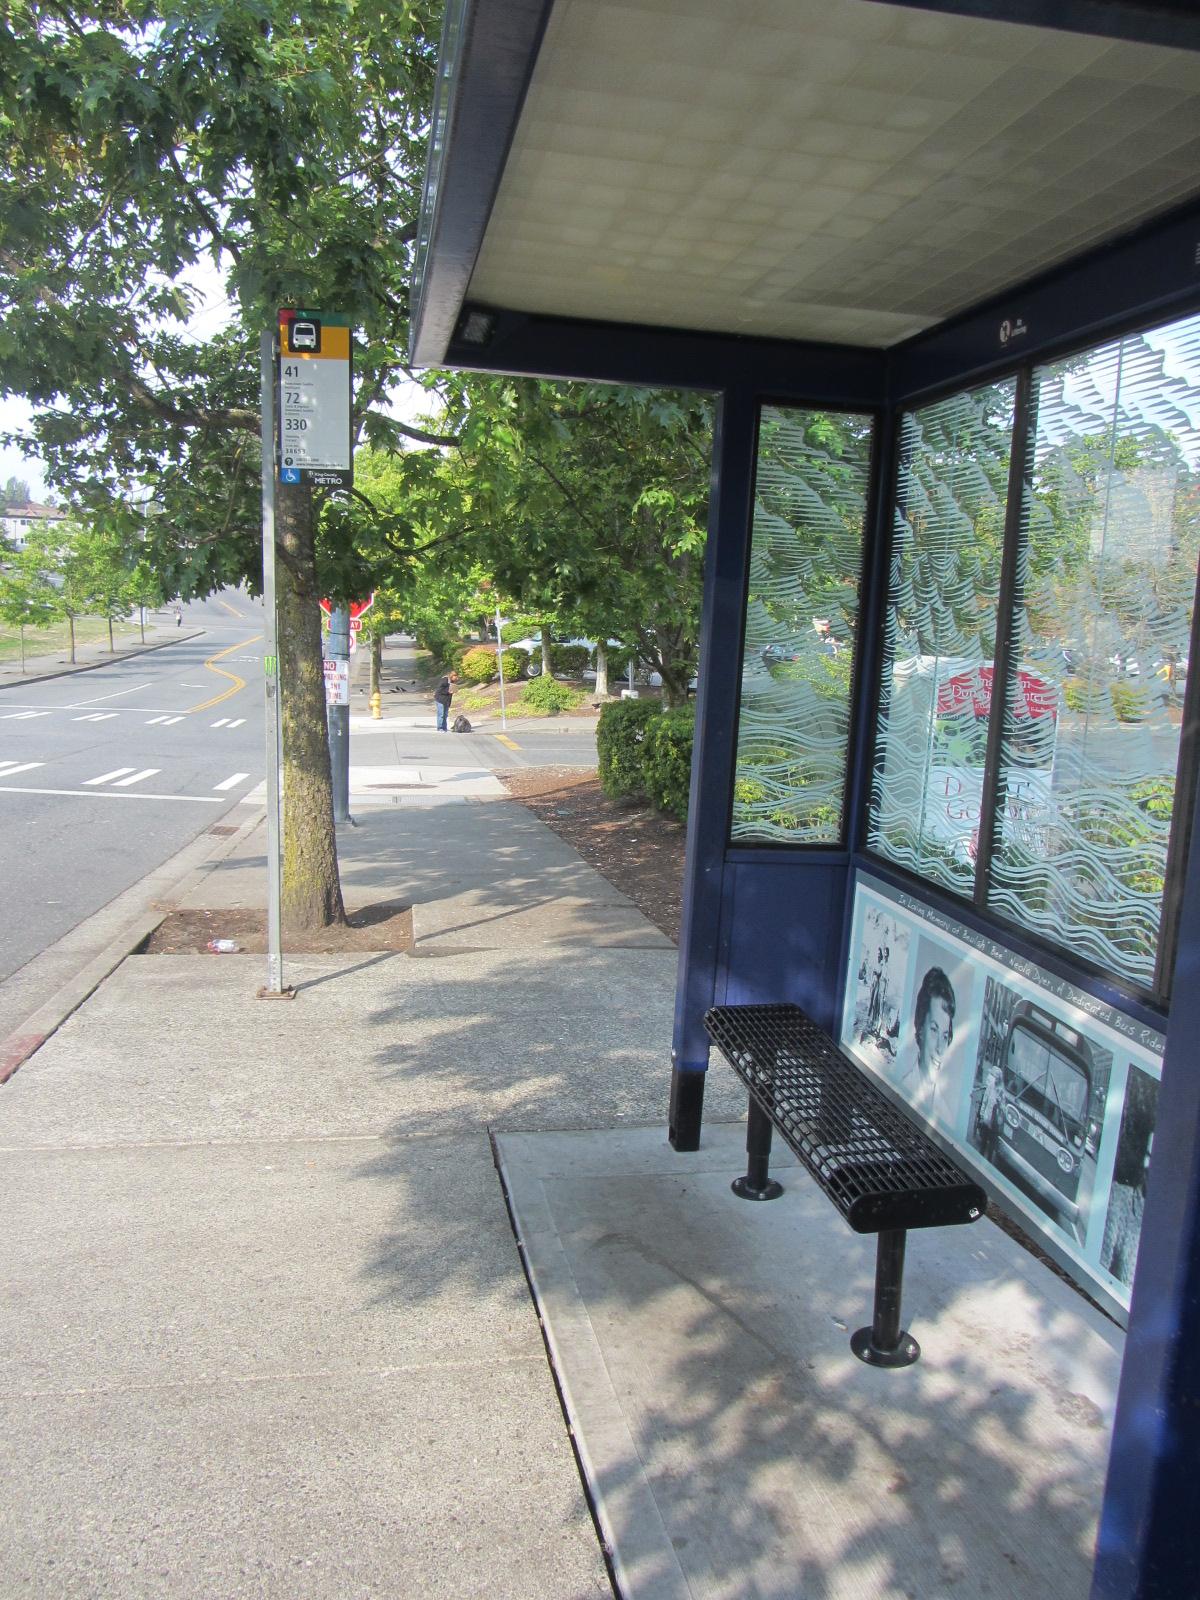 Bus stop memorial - side view